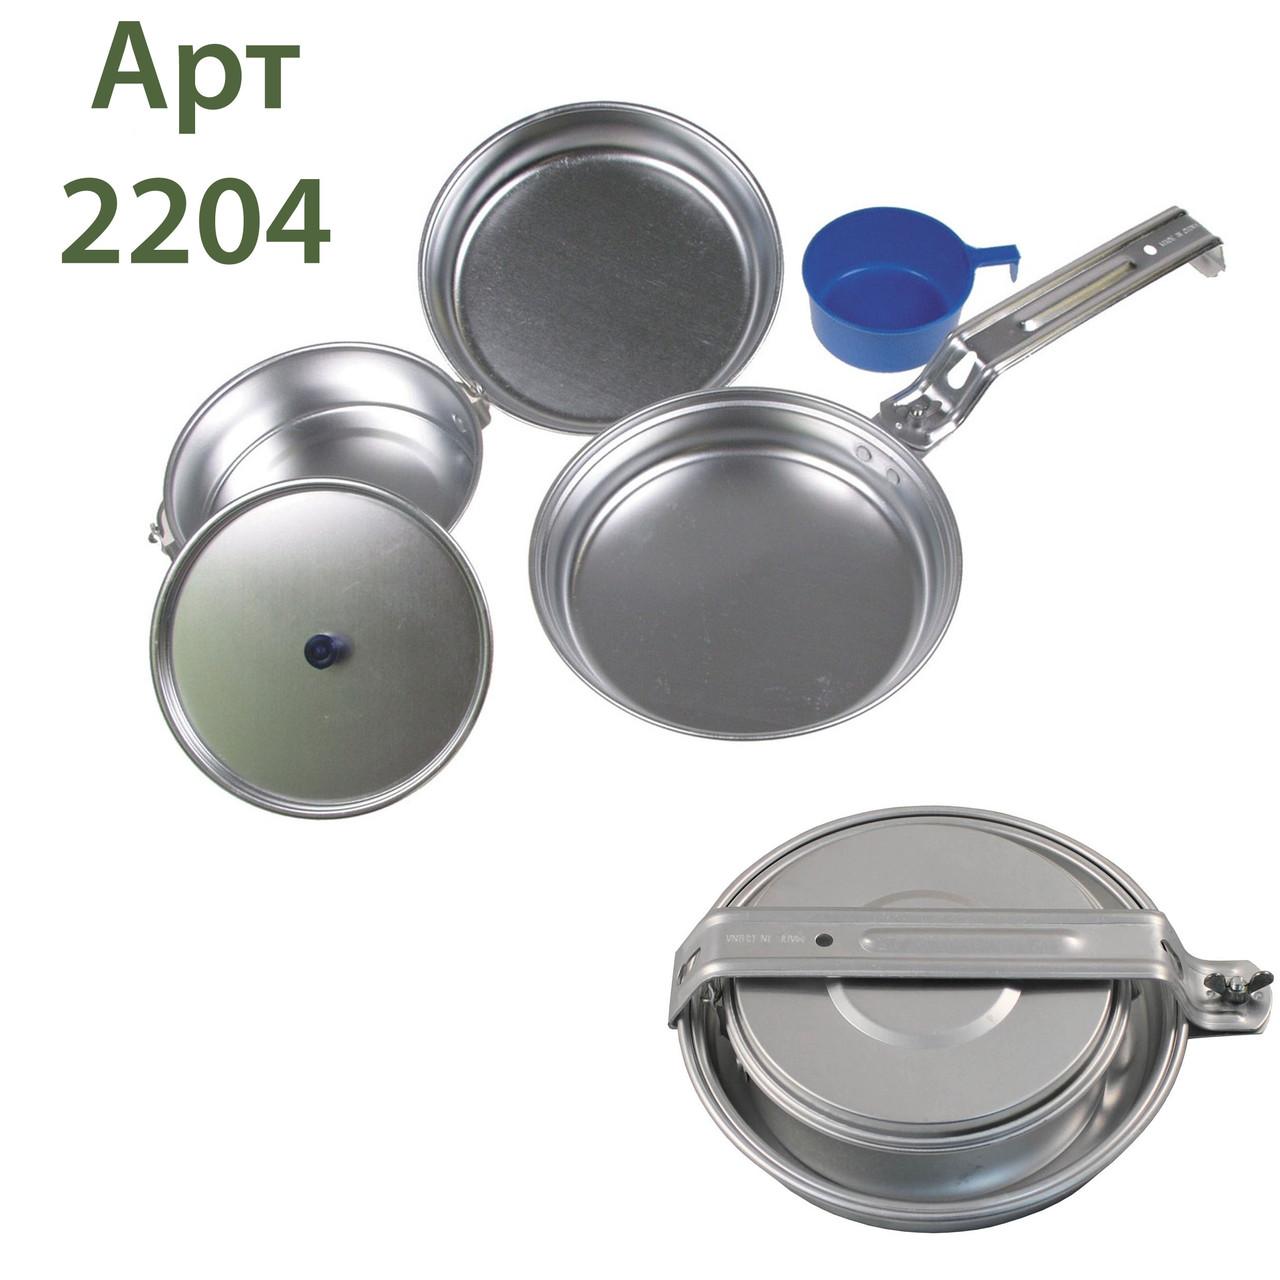 Набор для приготовления пищи MFH 33353